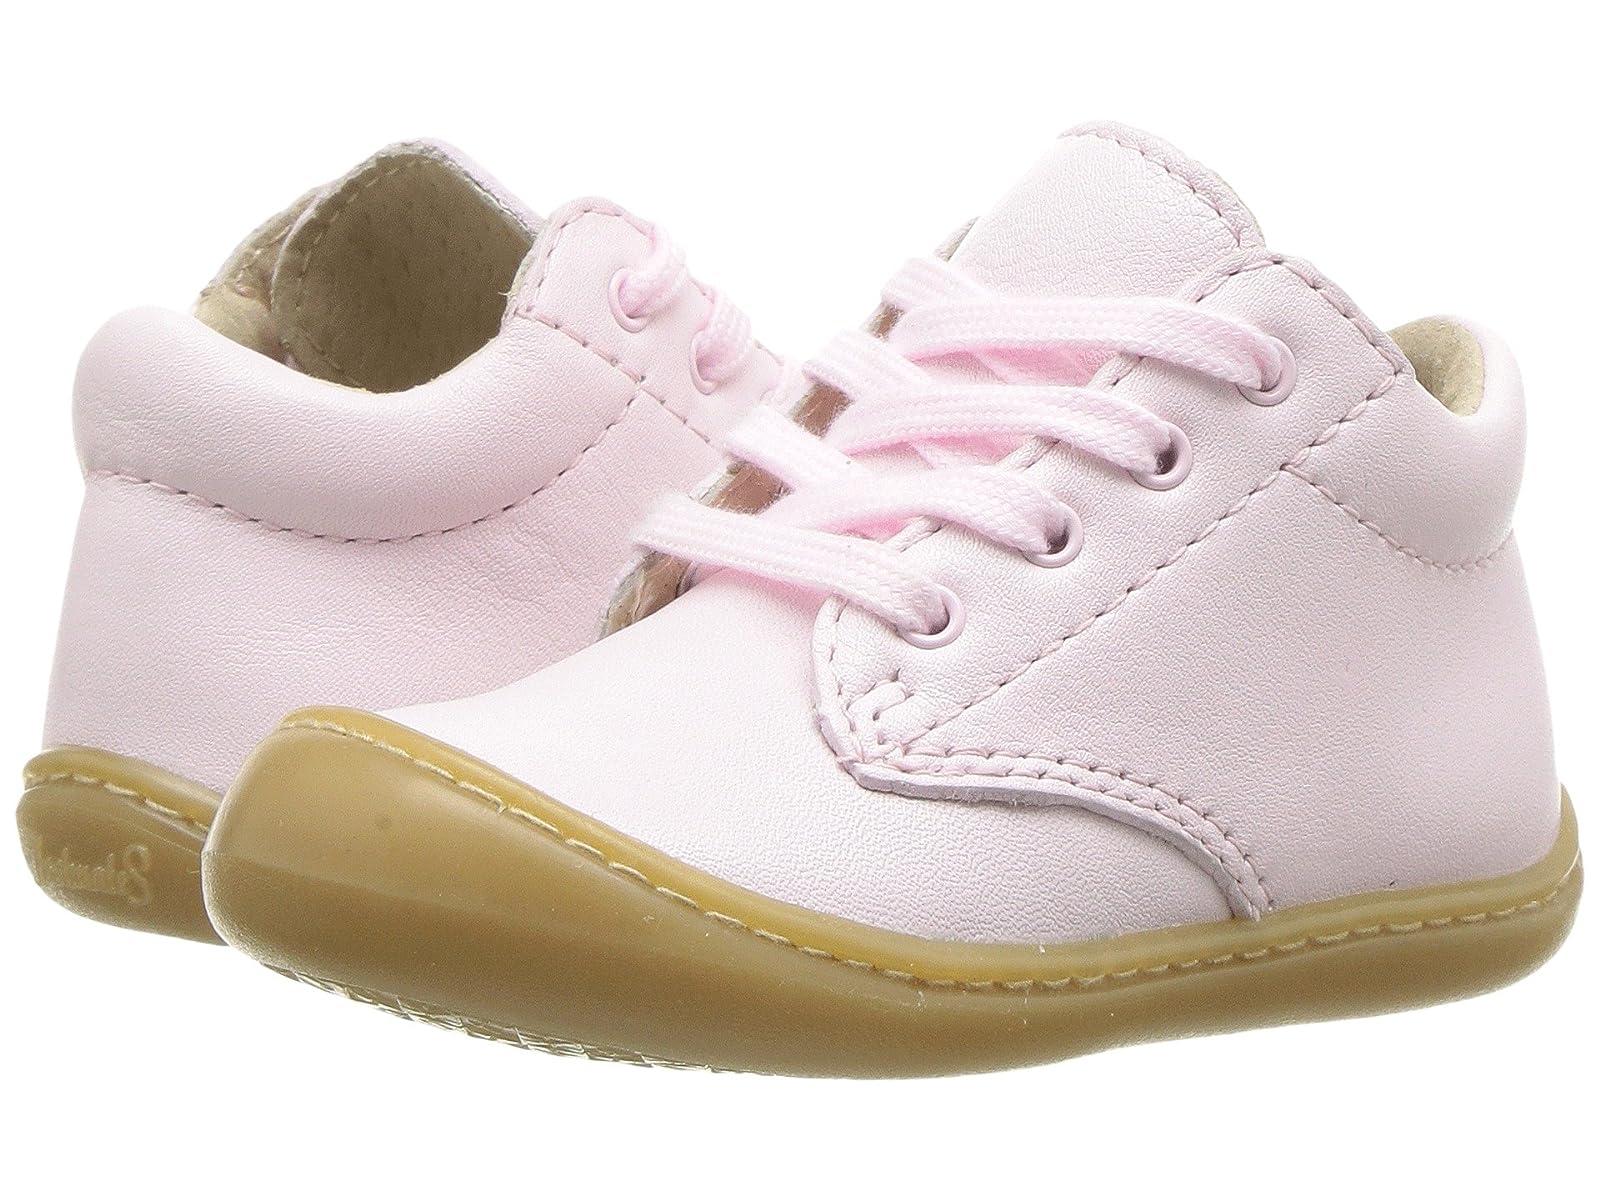 FootMates Reagan (Infant/Toddler)Atmospheric grades have affordable shoes